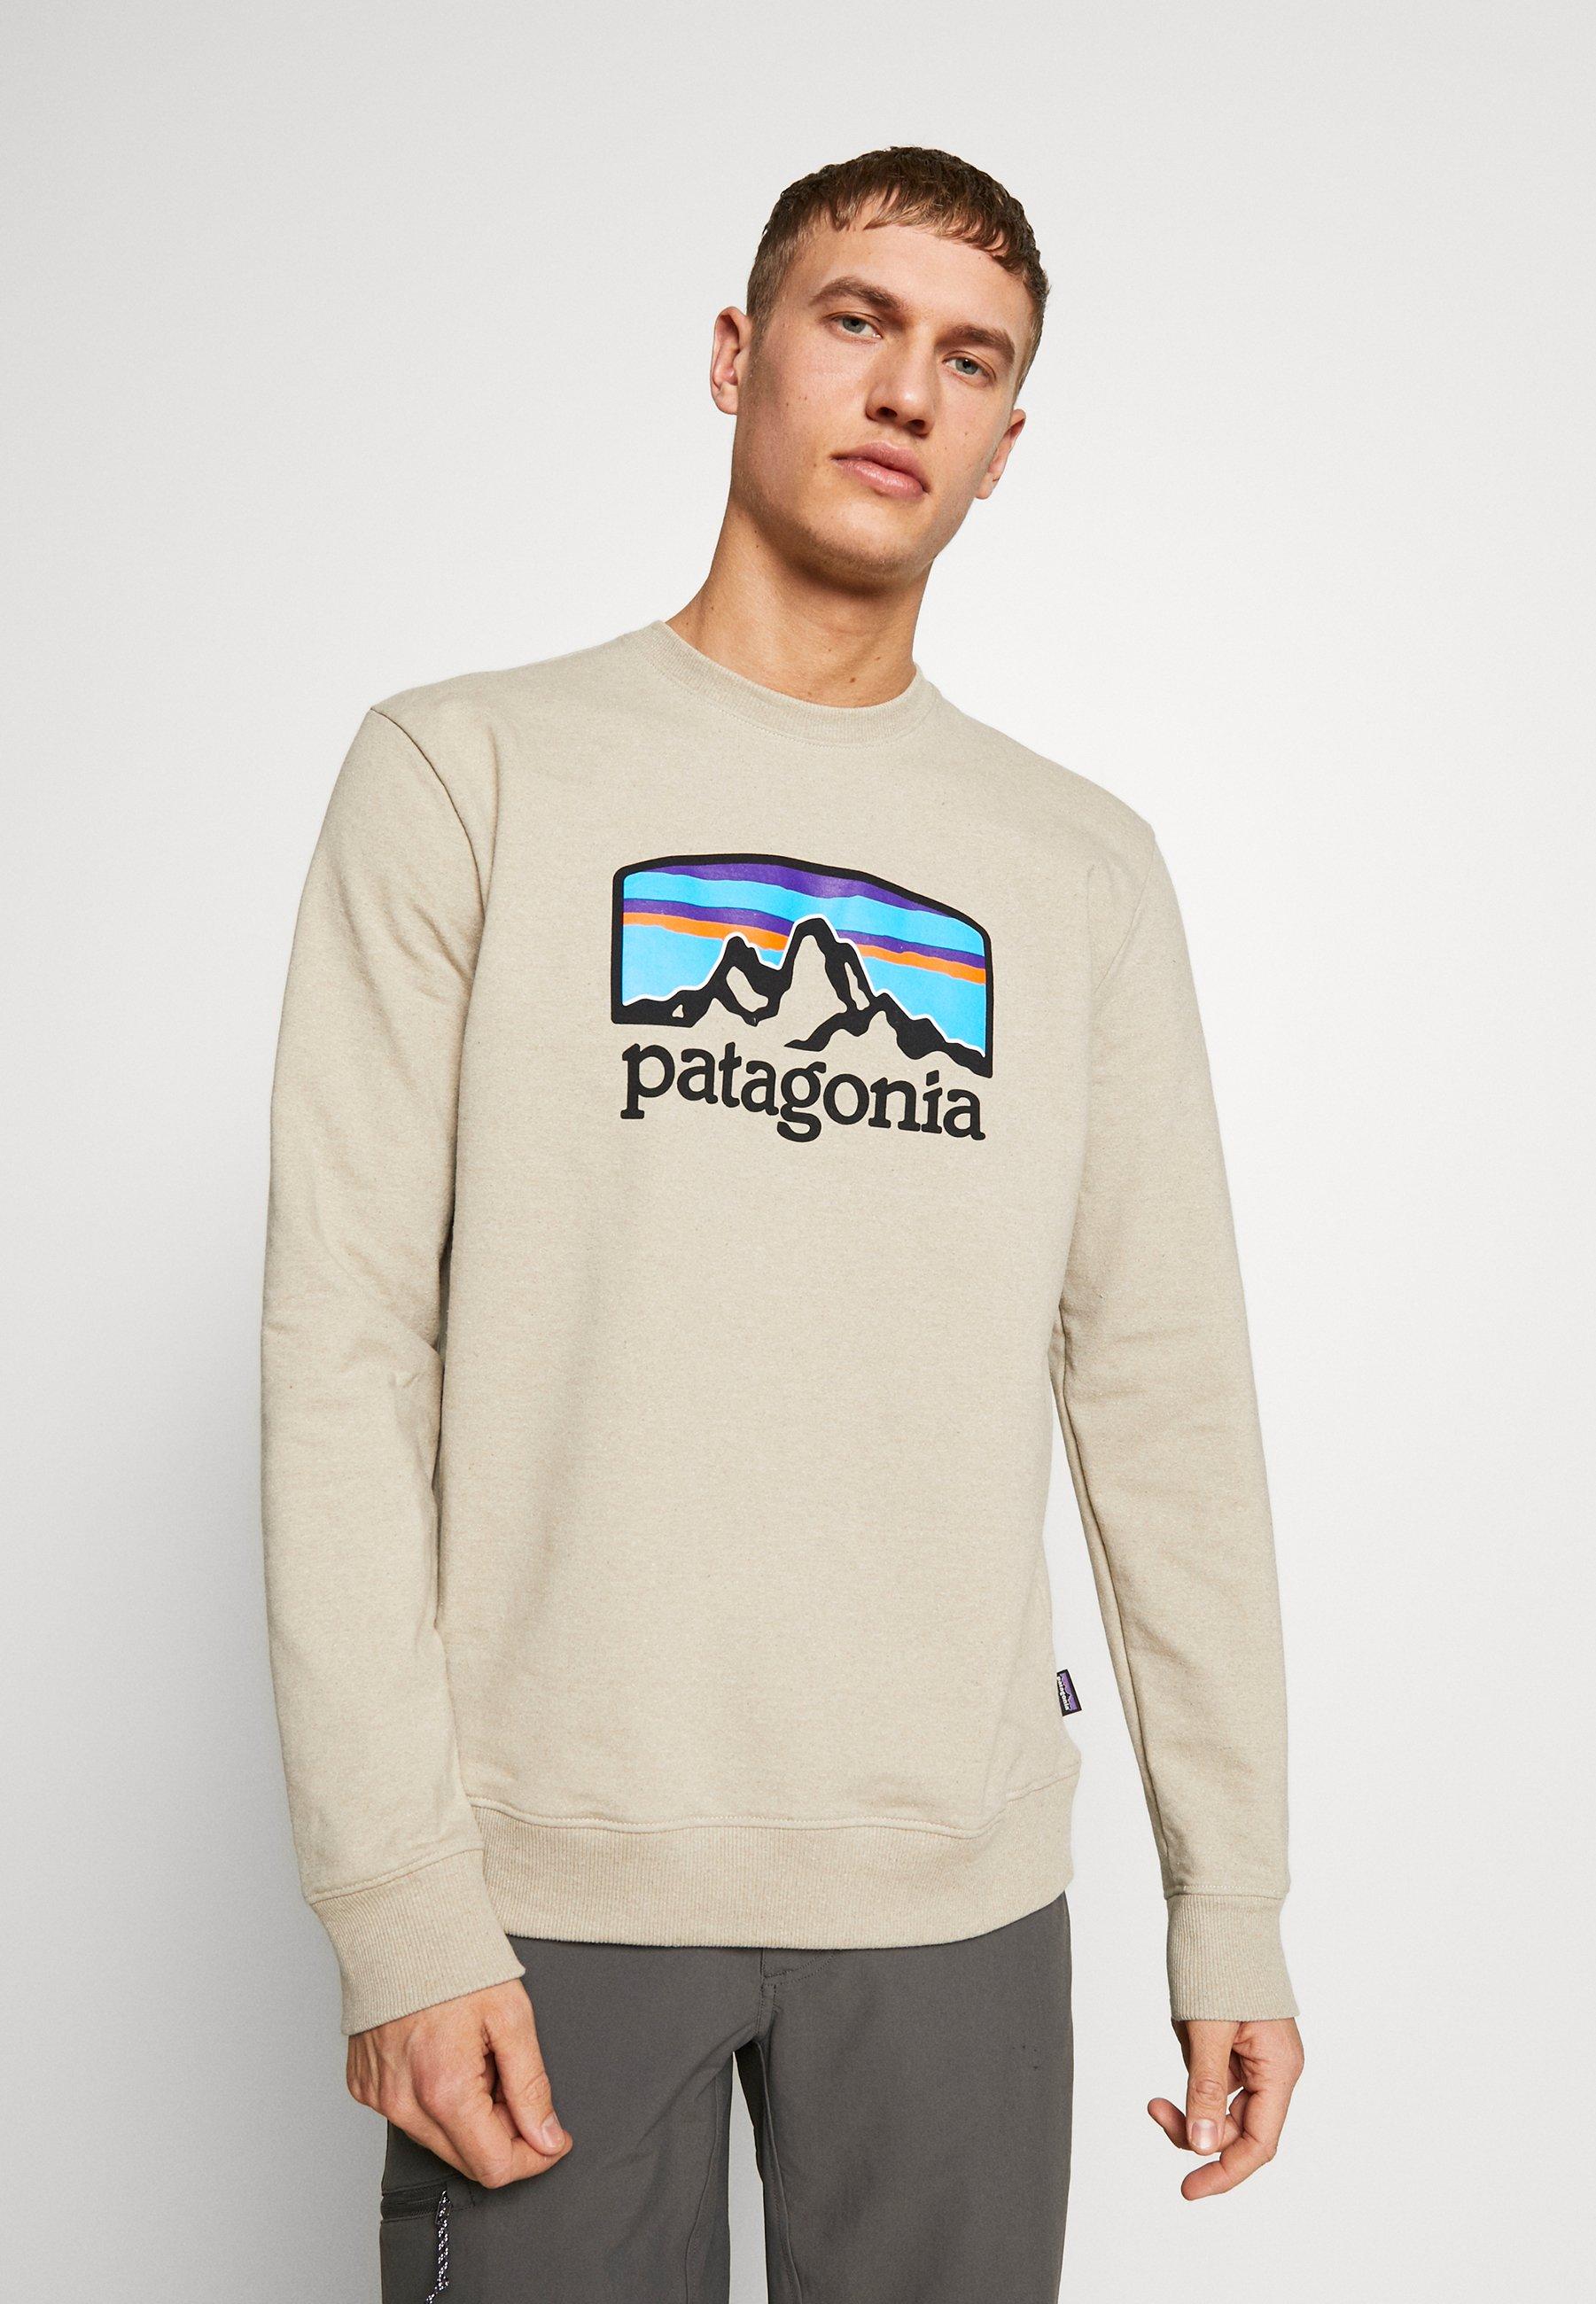 Patagonia FITZ ROY HORIZONS UPRISAL CREW - Sweatshirt - pumice - Herrkläder Rabatter